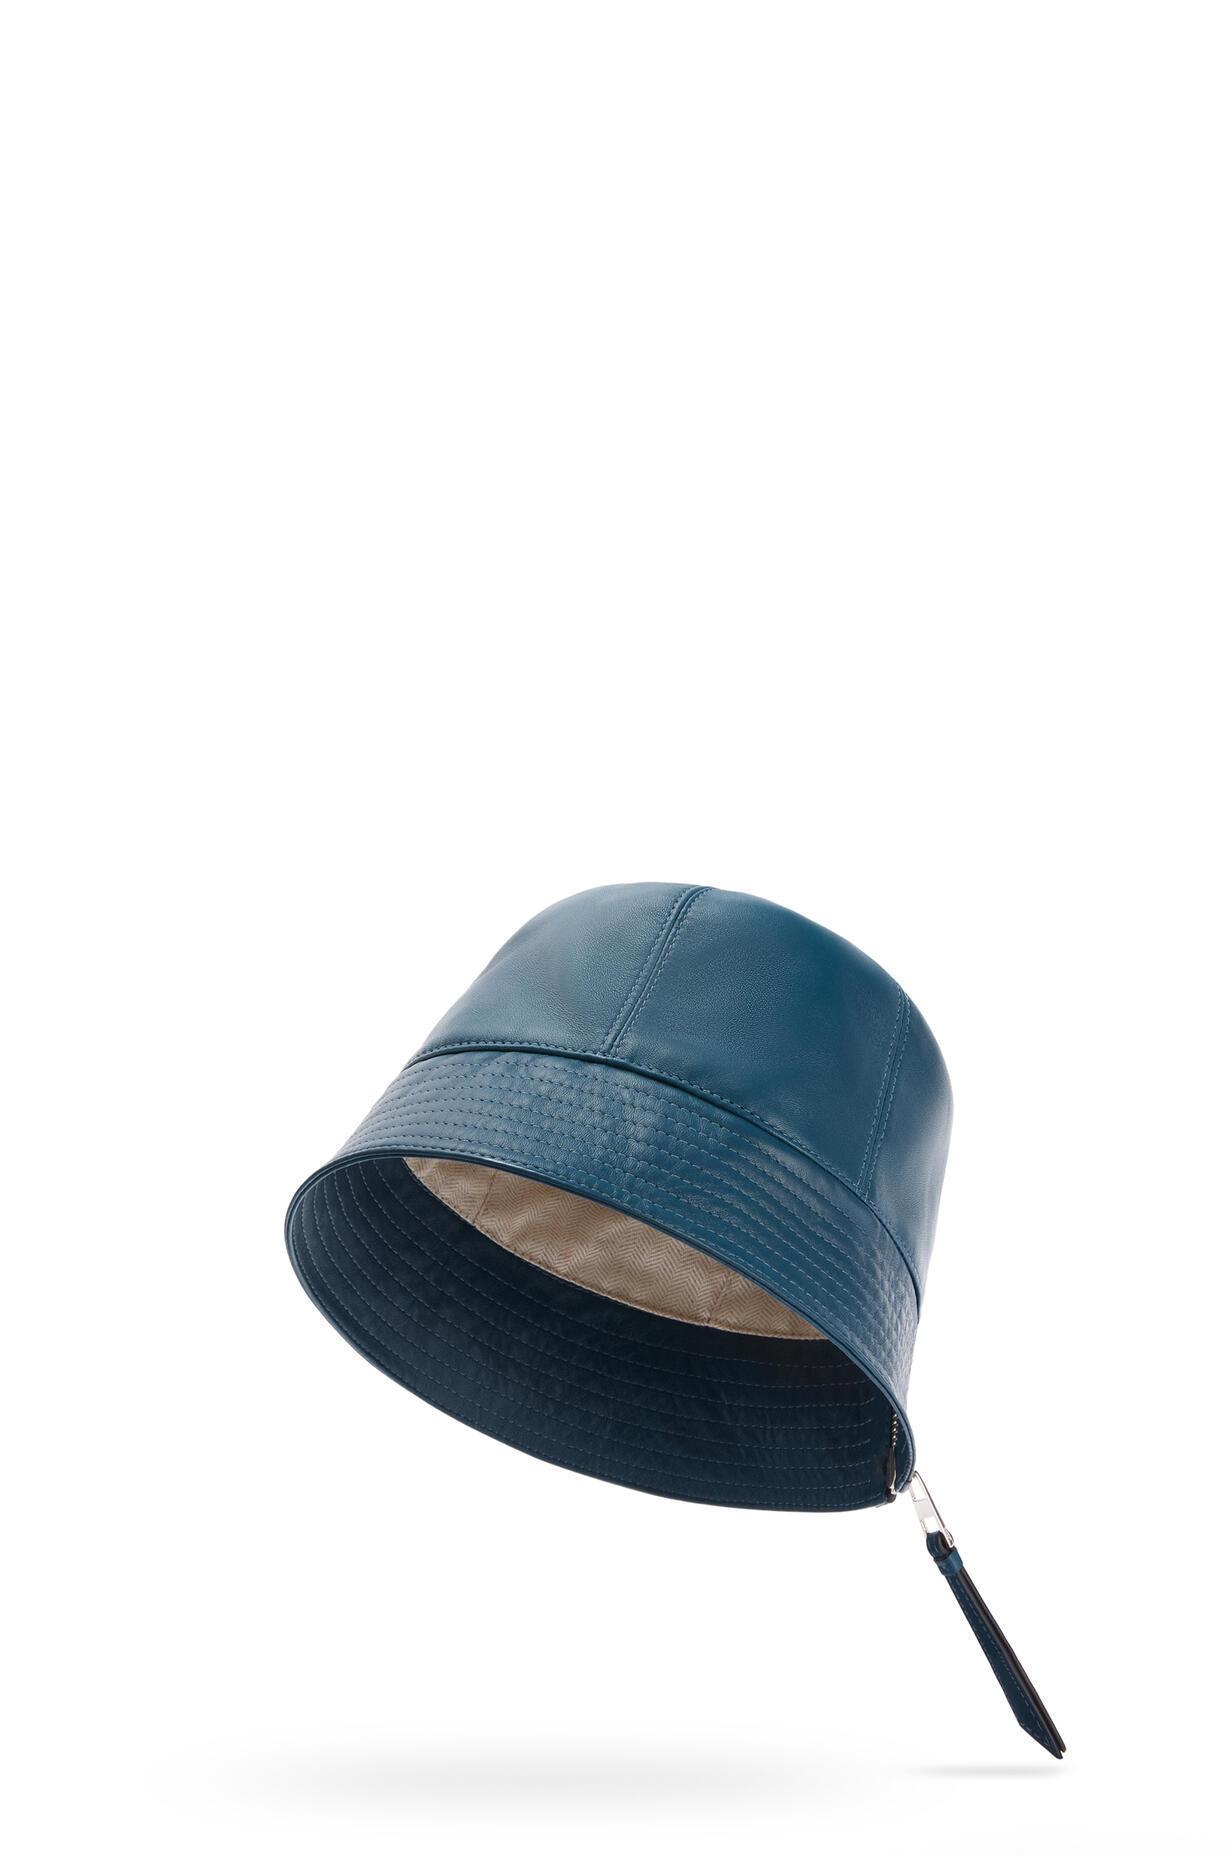 LOEWE LOEWE ☆Bucket hat in nappa calfskin ☆112.10.200